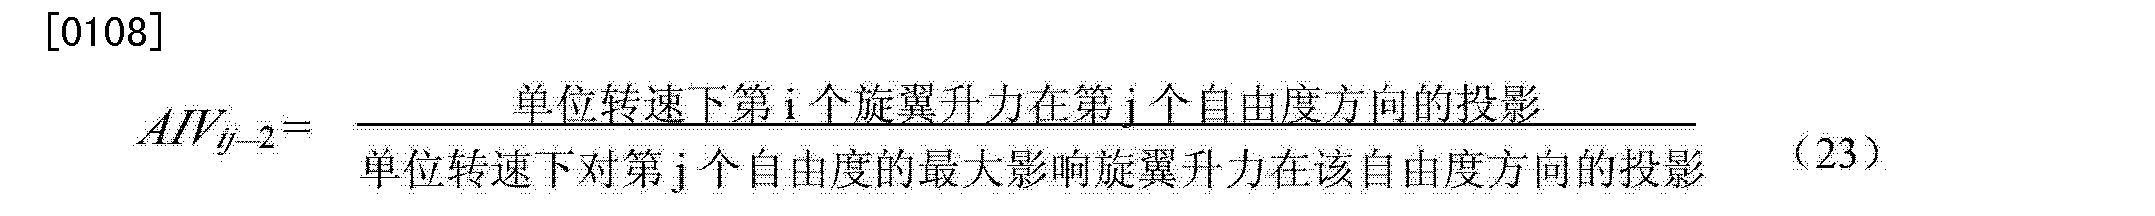 Figure CN102340113BD00111